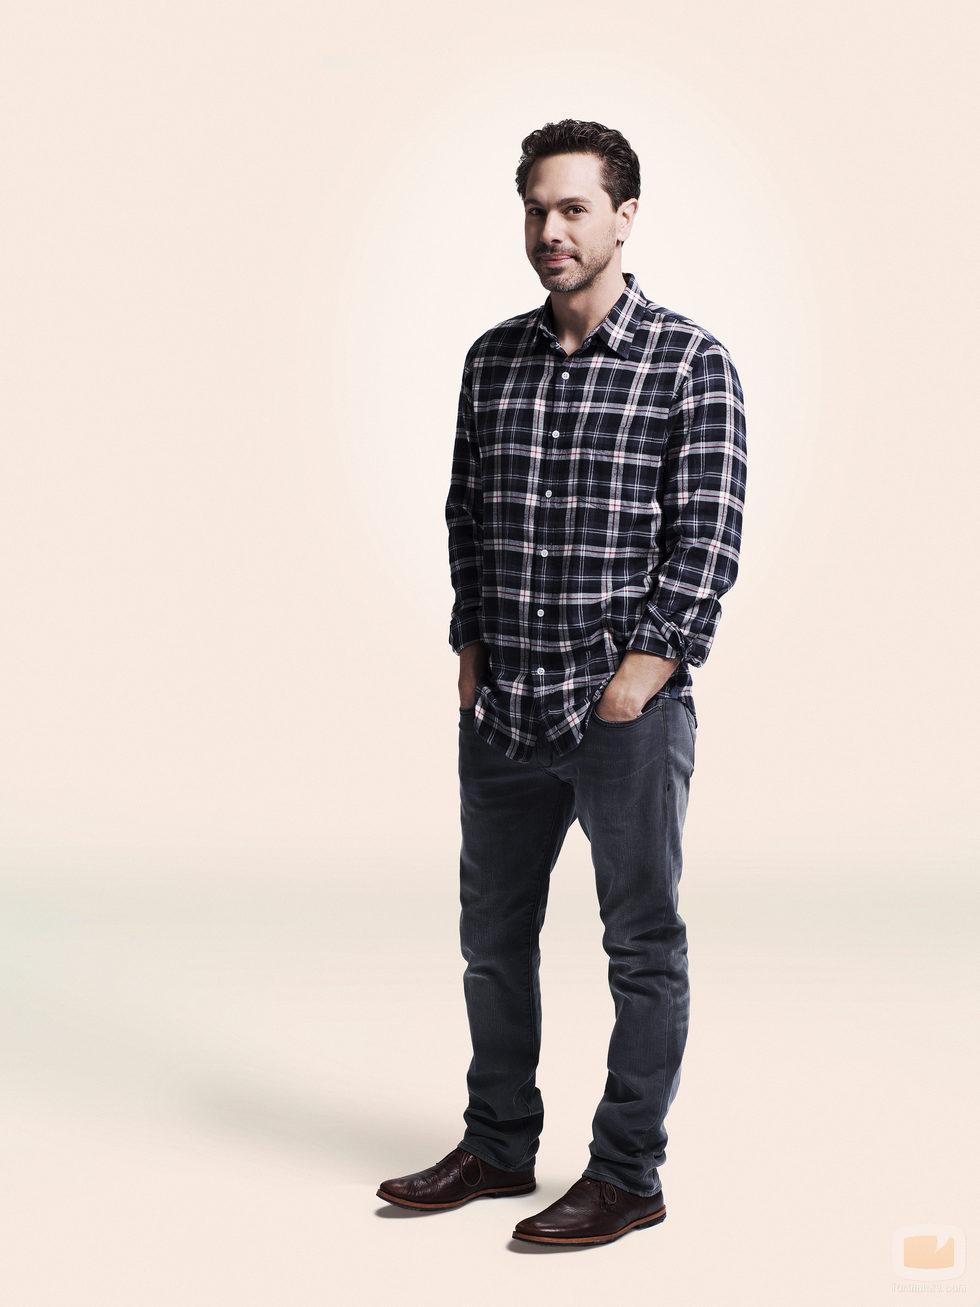 Thomas Sadoski con las manos en los bolsillos en la foto promocional de 'La vida en piezas'